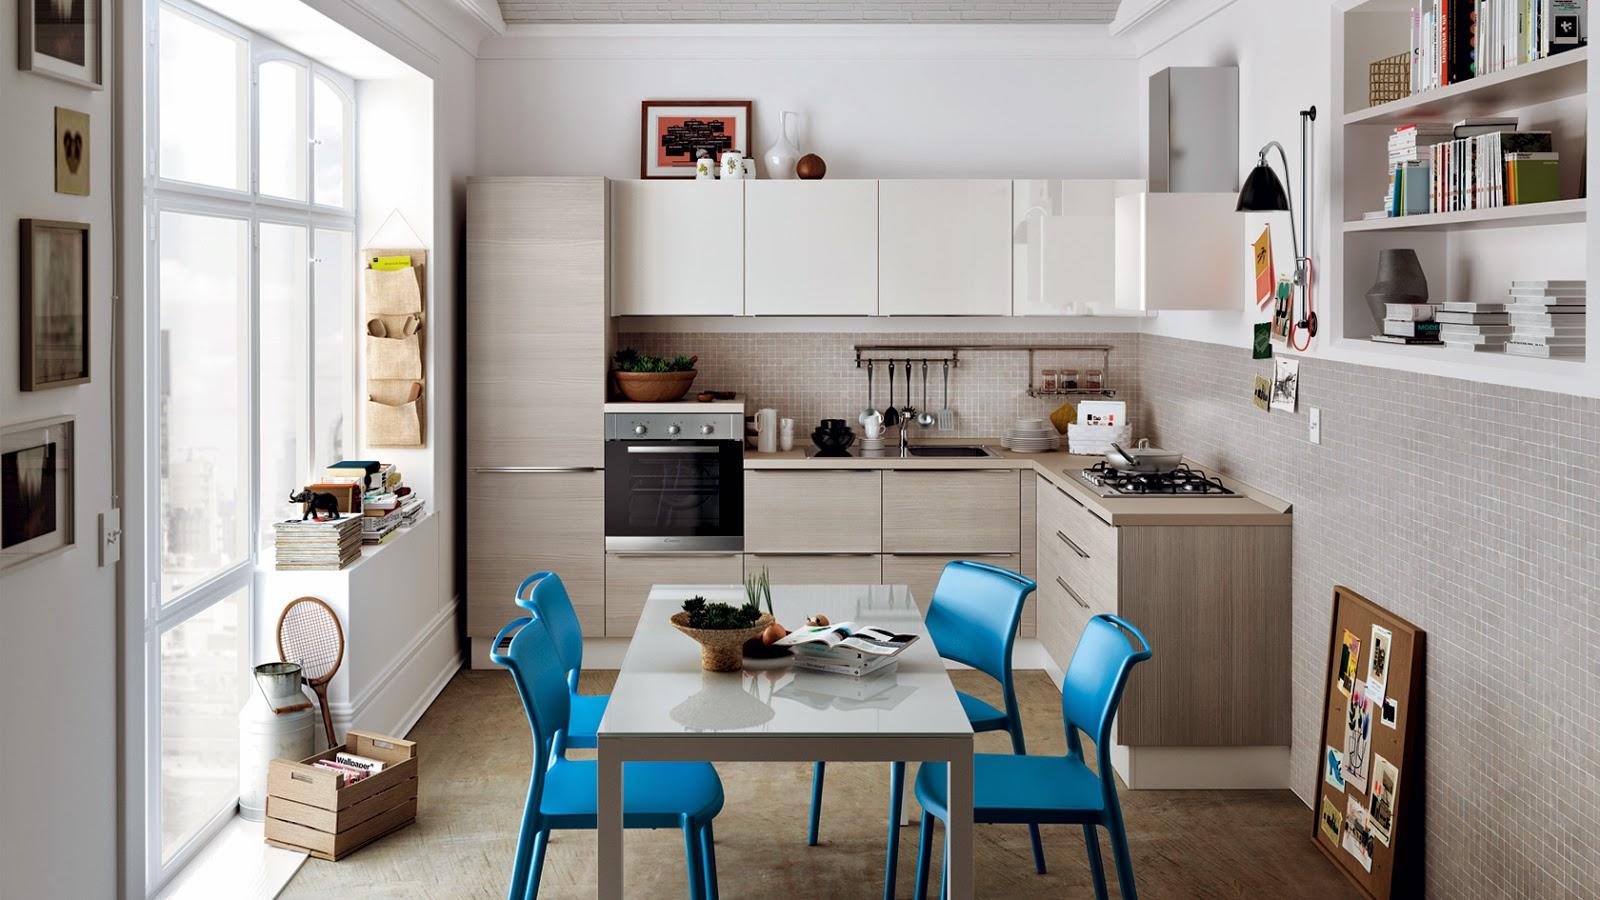 Caracter sticas de una cocina econ mica y c mo elegirla for Diseno cocina economica